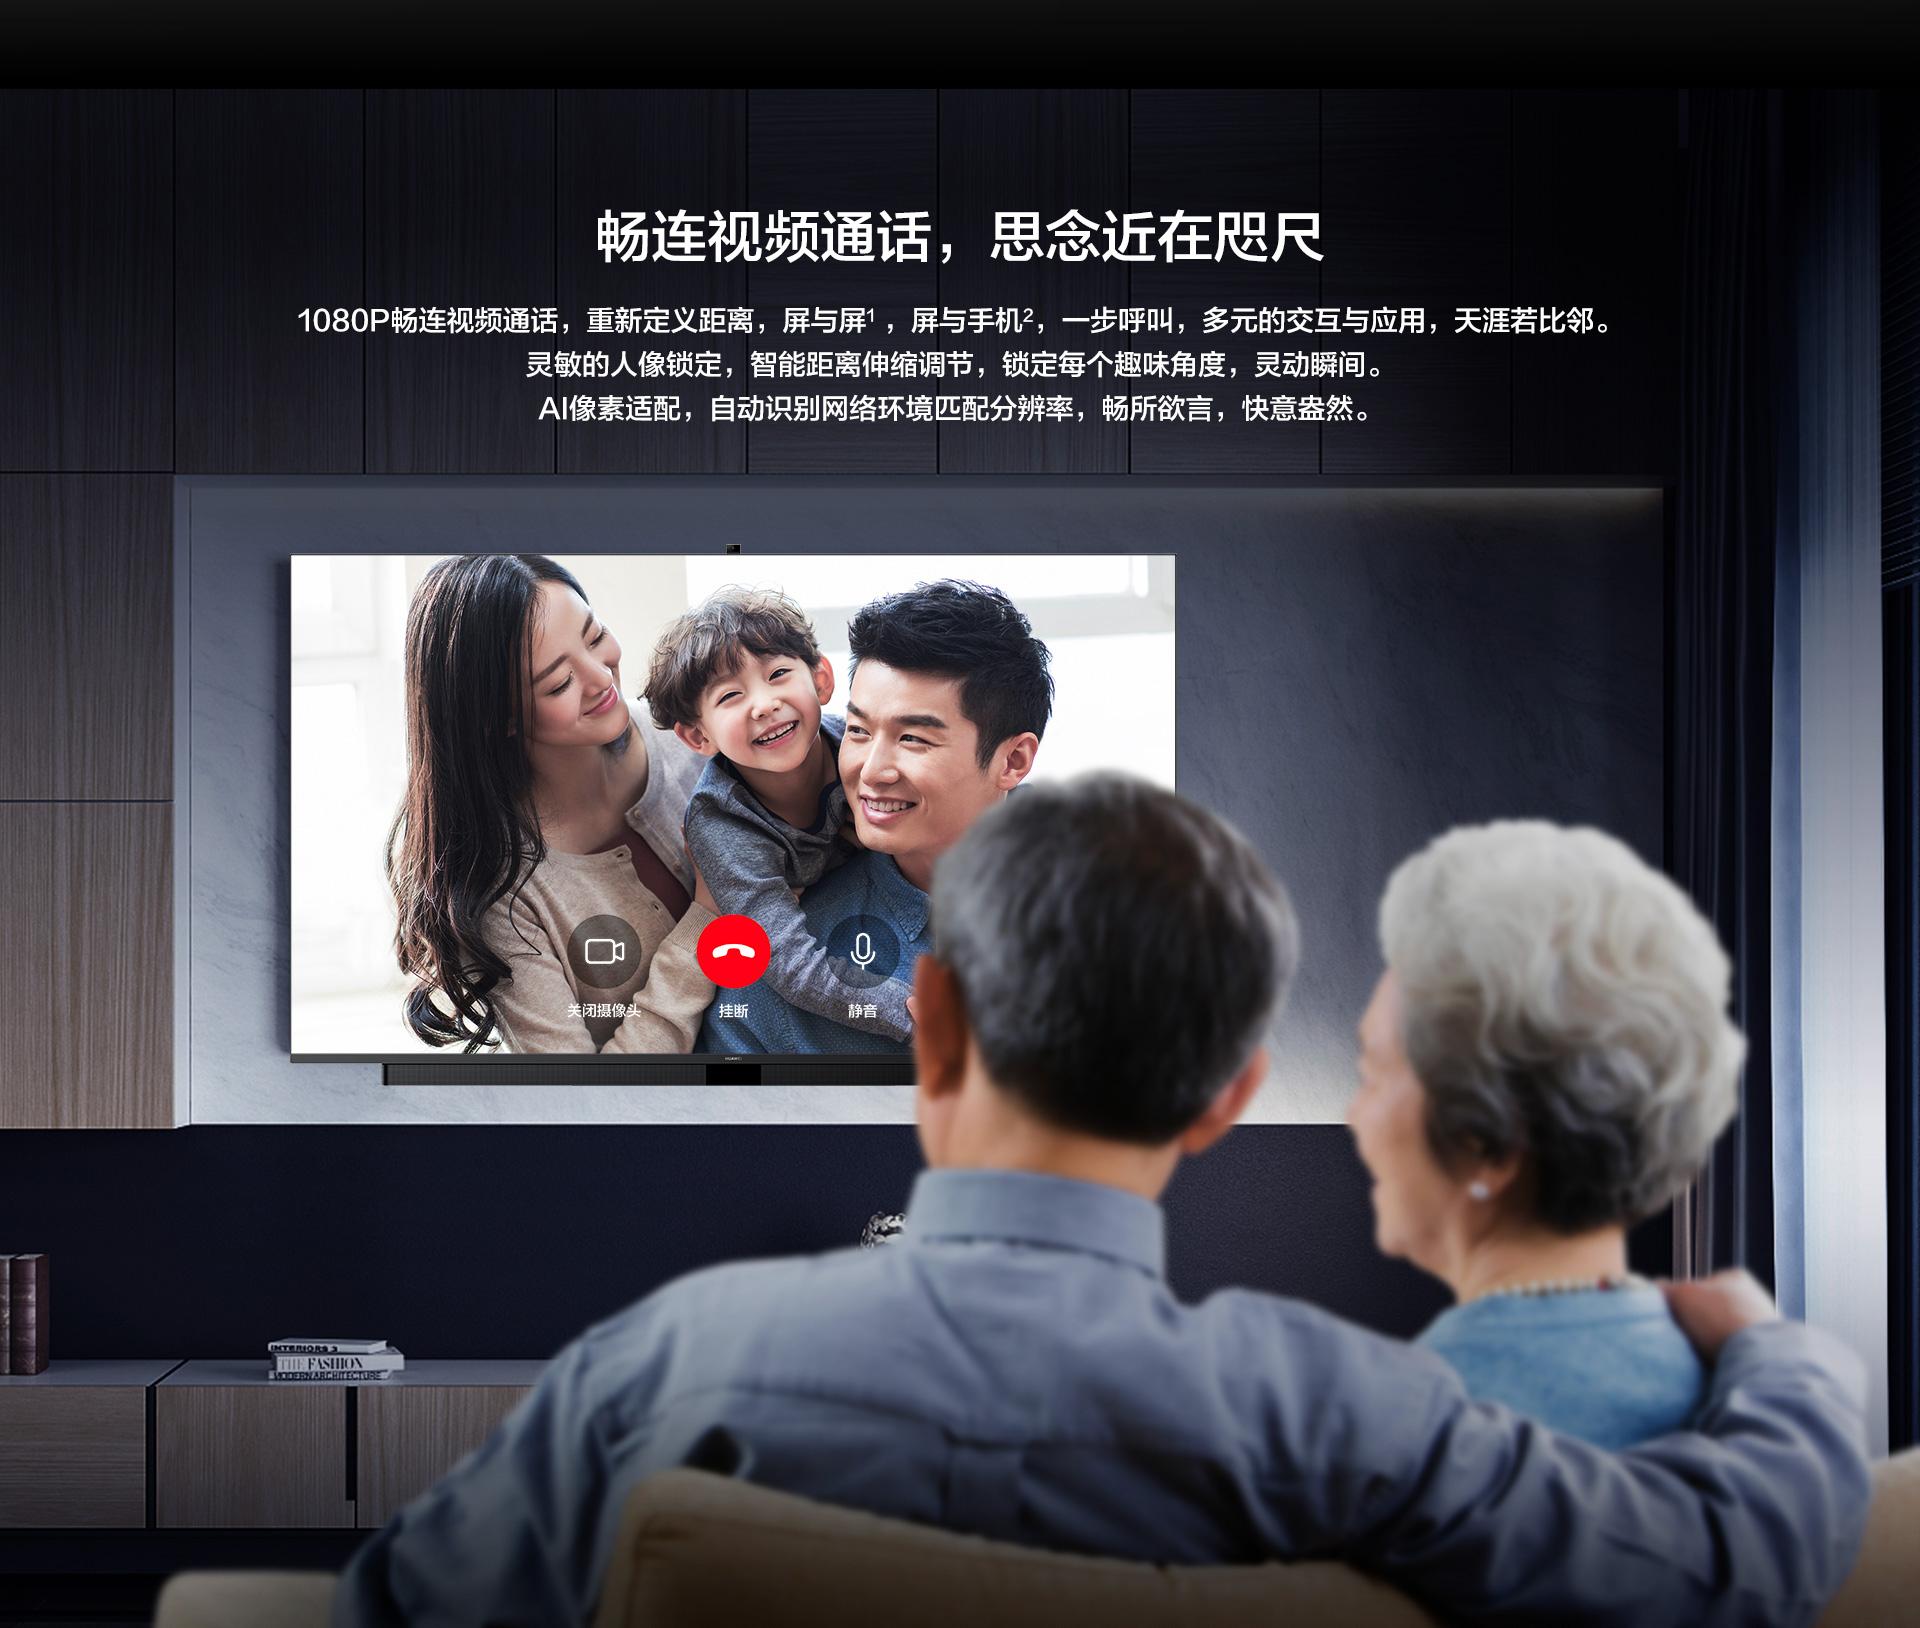 预售:HUAWEI 华为 智慧屏 V65 HEGE-560 65英寸 4K 液晶电视 100元定金抵300尾款,赠华为视频季卡+体脂称) 买手党-买手聚集的地方